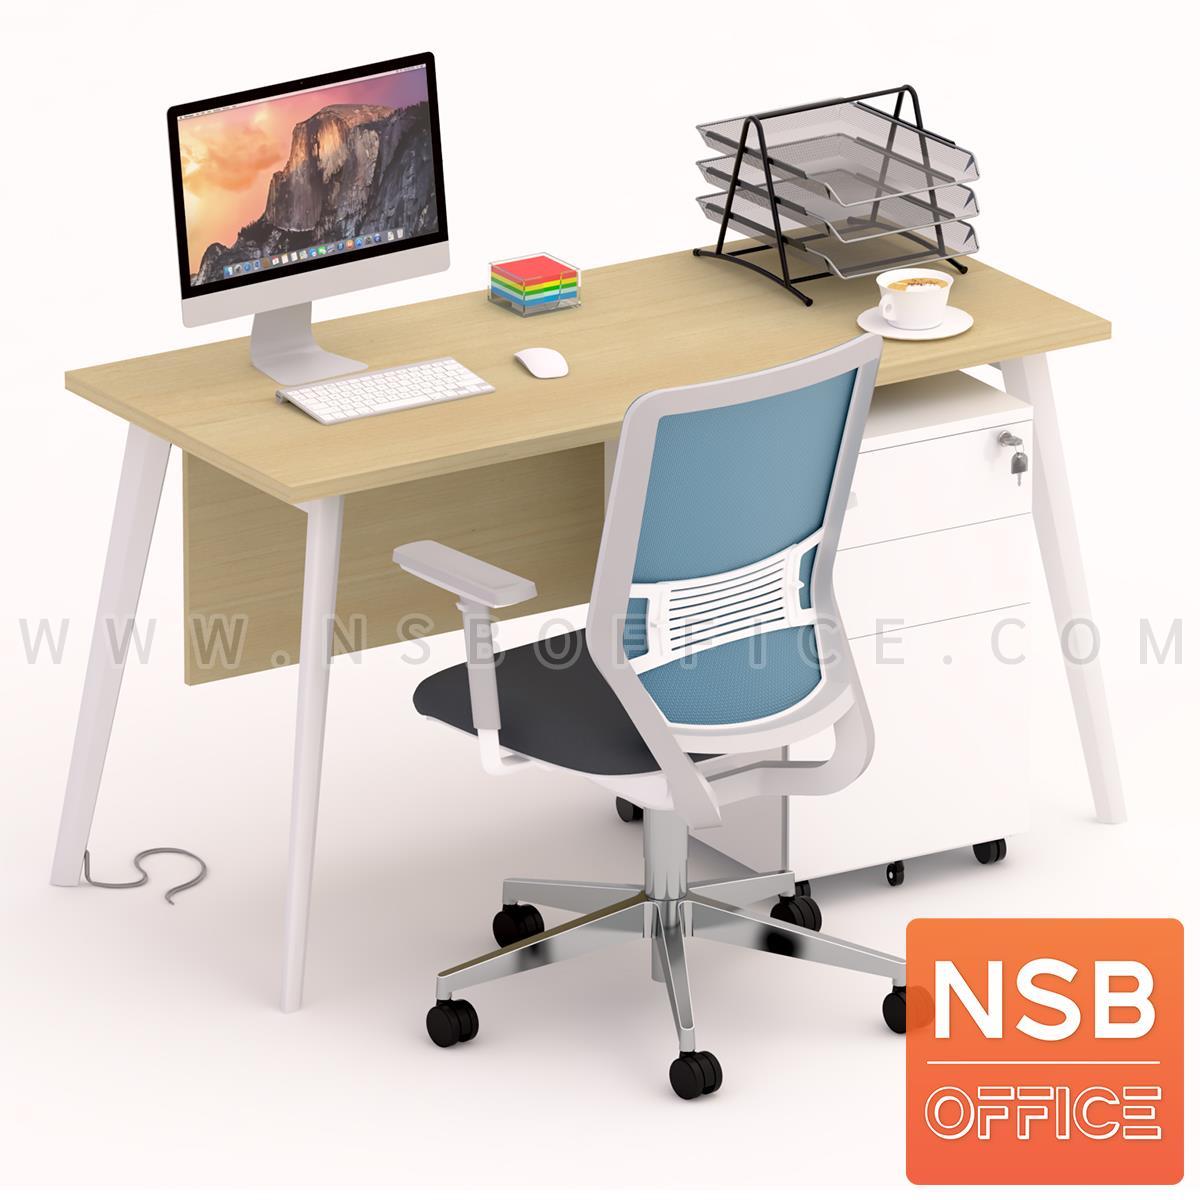 โต๊ะทำงานพร้อมลิ้นชักเหล็กล้อเลื่อน  รุ่น Zania 1 (ซาเนียร์ 1)  บังตา ขาเหล็ก